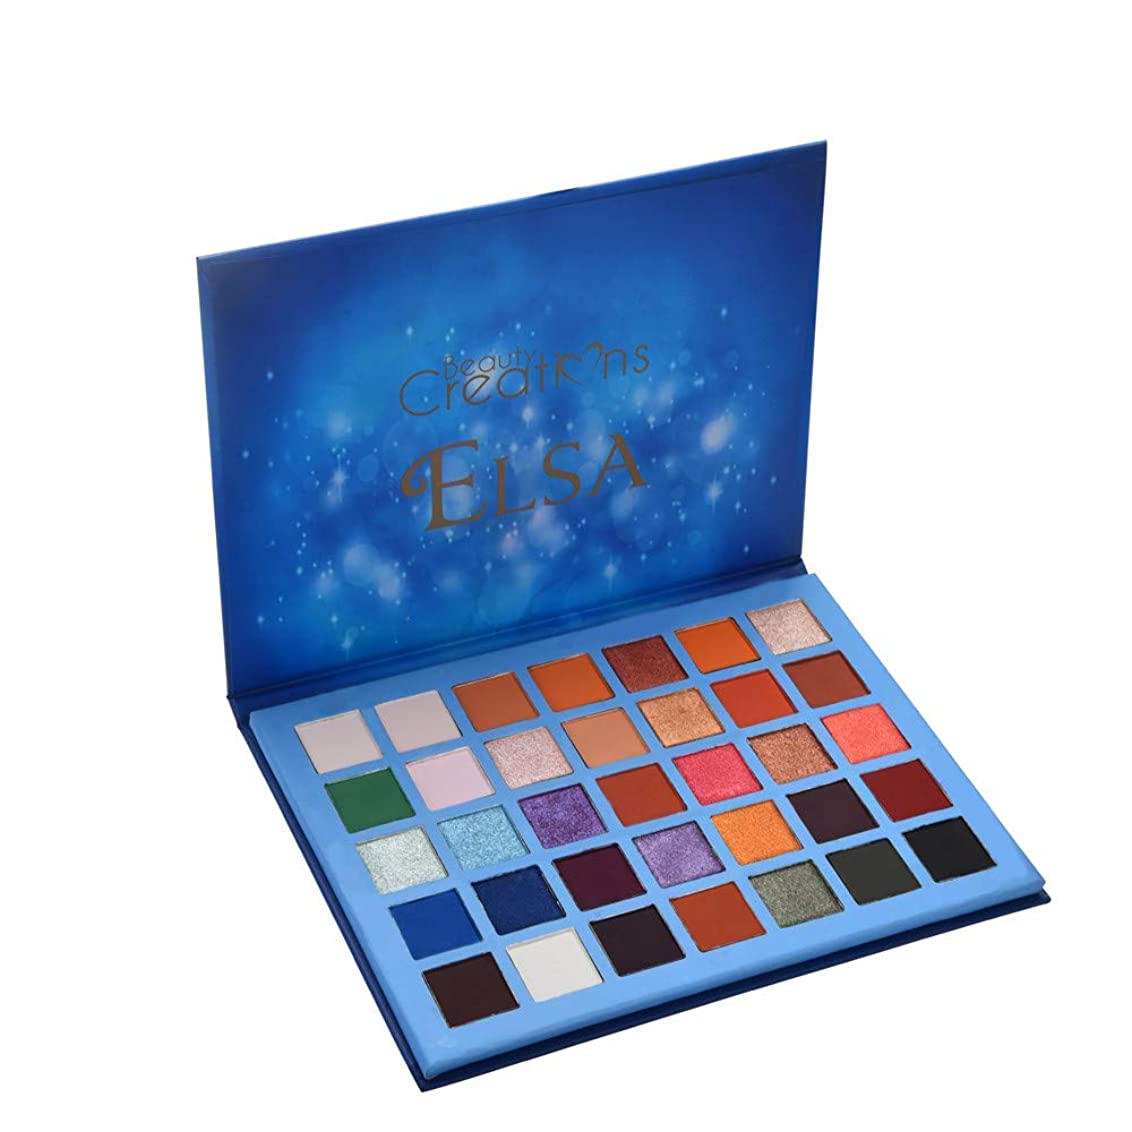 状効能ある療法アイシャドウ パレット 35色 Akane スカイアイアイシャドウ 持ち便利 Eye Shadow ビューティクリエーション エルサ スカイアイアイシャドウ (35色)